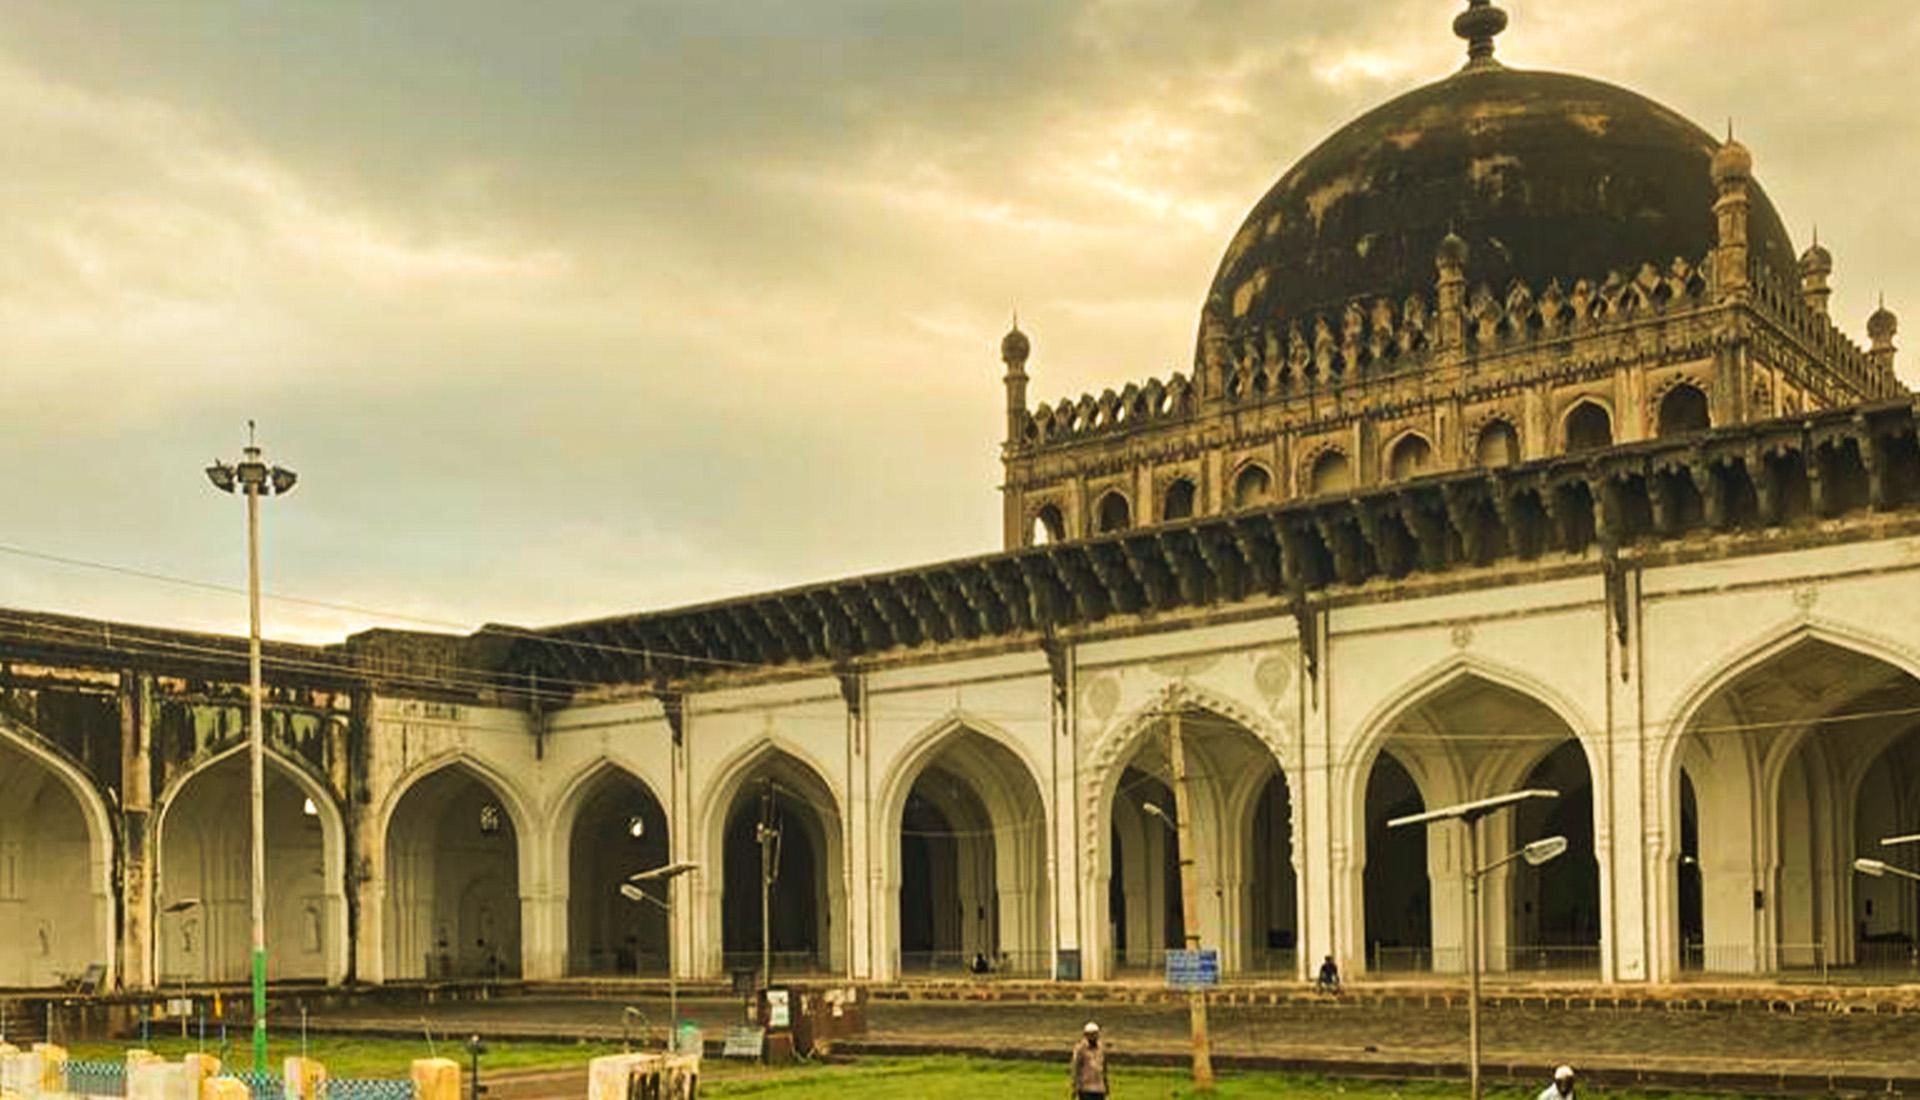 Jama Masjid, Bijapur